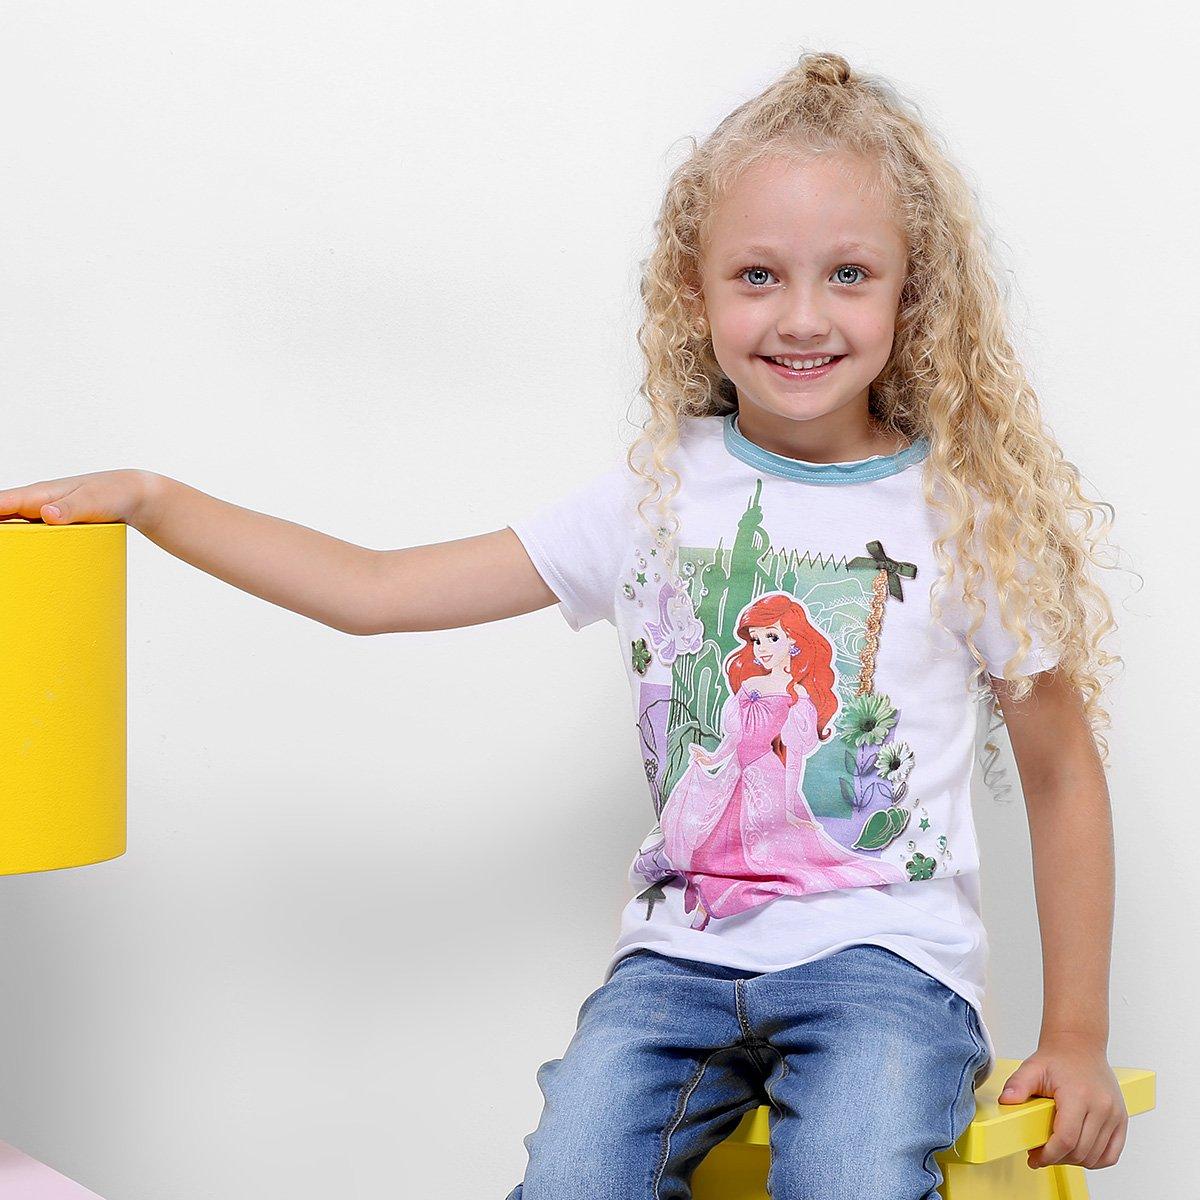 Feminina Camiseta Camiseta Branco Infantil Ariel Camiseta Branco Infantil Infantil Feminina Disney Disney Ariel Ariel Feminina Disney qUWawtR6A